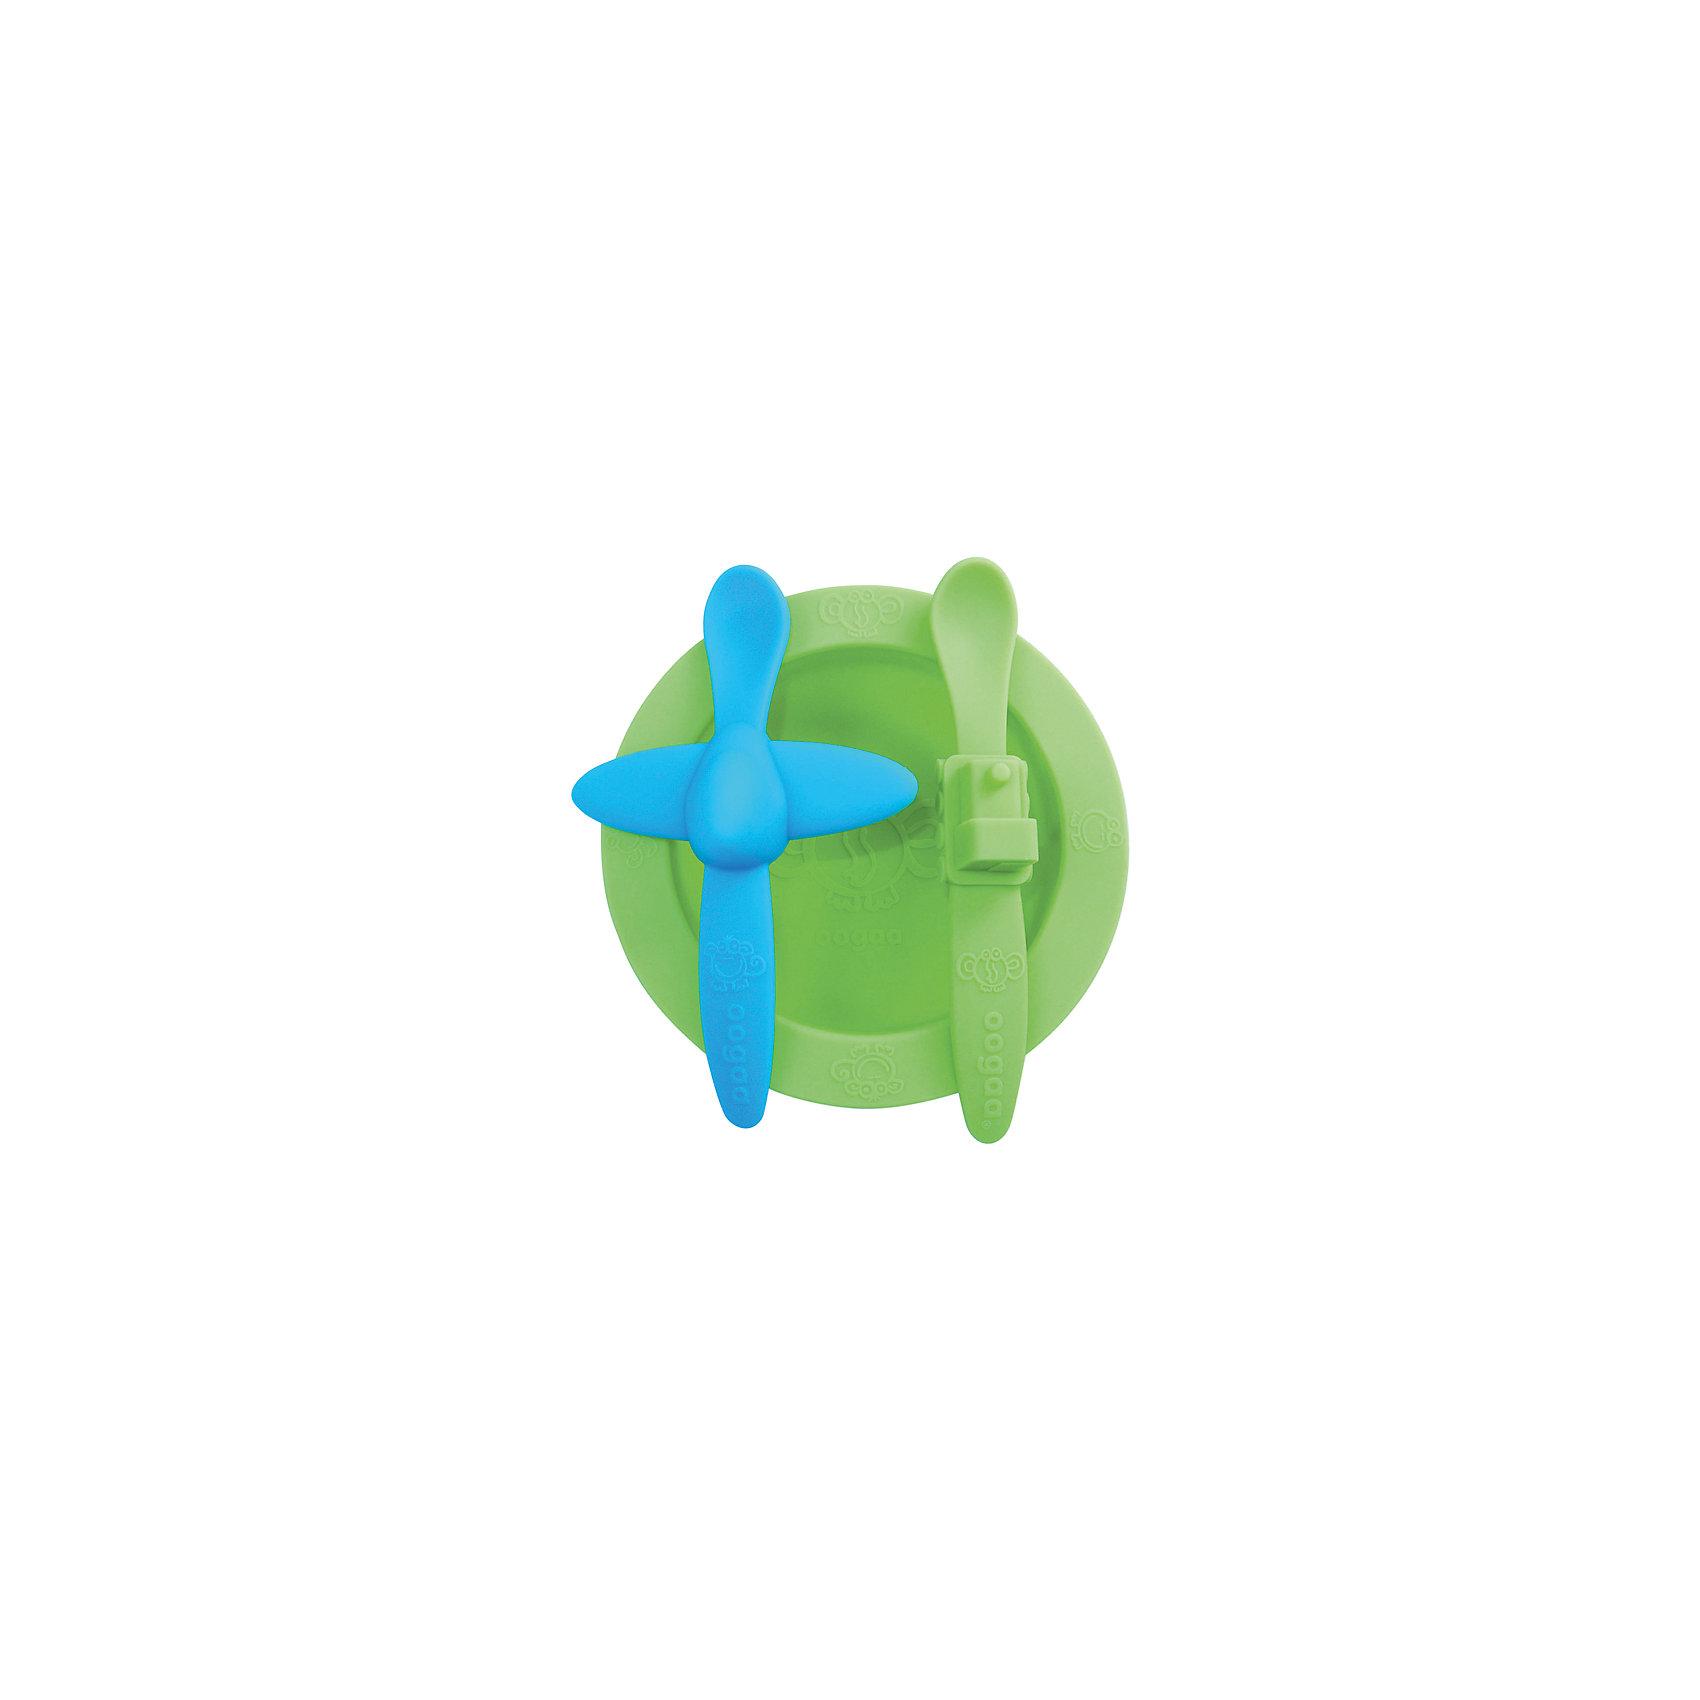 Набор посуды, Oogaa, зеленыйПосуда для малышей<br>В ярком Наборе посуды: тарелка, ложка Самолет, ложка Поезд из силикона есть зеленая тарелка, ложка голубого цвета с самолетом посередине ручки, а также зеленая ложка с поездом на рукоятке. Комплект из двух ложек будет очень удобен в поездках и на прогулках, например, если Ваш малыш уронит одну ложечку, то в запасе всегда будет вторая. С набором удобной посуды ребенку будет весело кушать, и он с удовольствием будет ждать новой порции от поезда и самолетика!<br><br>Характеристики:<br>-Изготовлены из высококачественного нетоксичного силикона, который не имеет запаха и вкуса, не выделяют химических веществ, не способствуют распространению бактерий<br>-Подходят для ручной мойки, посудомоечных машин и стерилизаторов, микроволновой печи<br>-Не имеют острых углов, не травмируют десны малыша <br>-Выполнены в ярком цвете и необычном дизайне, что позволяет превратить обычные завтрак или обед в забавную игру<br><br>Комплектация: зеленая тарелка, голубая ложка в форме самолета, зеленая ложка в форме поезда<br><br>Дополнительная информация:<br>-Цвет: голубой, зеленый<br>-Размеры ложек: 18 см<br>-Размеры тарелки: 265 мл <br>-Вес в упаковке: 354 г<br>-Материалы: силикон<br><br>Набор силиконовой посуды в ярком и необычном дизайне поможет Вам занять ребенка, превратив кормление малыша в веселое приключение! <br><br>Набор посуды: тарелка, ложка Самолет, ложка Поезд можно купить в нашем магазине.<br><br>Ширина мм: 275<br>Глубина мм: 205<br>Высота мм: 31<br>Вес г: 354<br>Возраст от месяцев: 3<br>Возраст до месяцев: 36<br>Пол: Унисекс<br>Возраст: Детский<br>SKU: 4053703